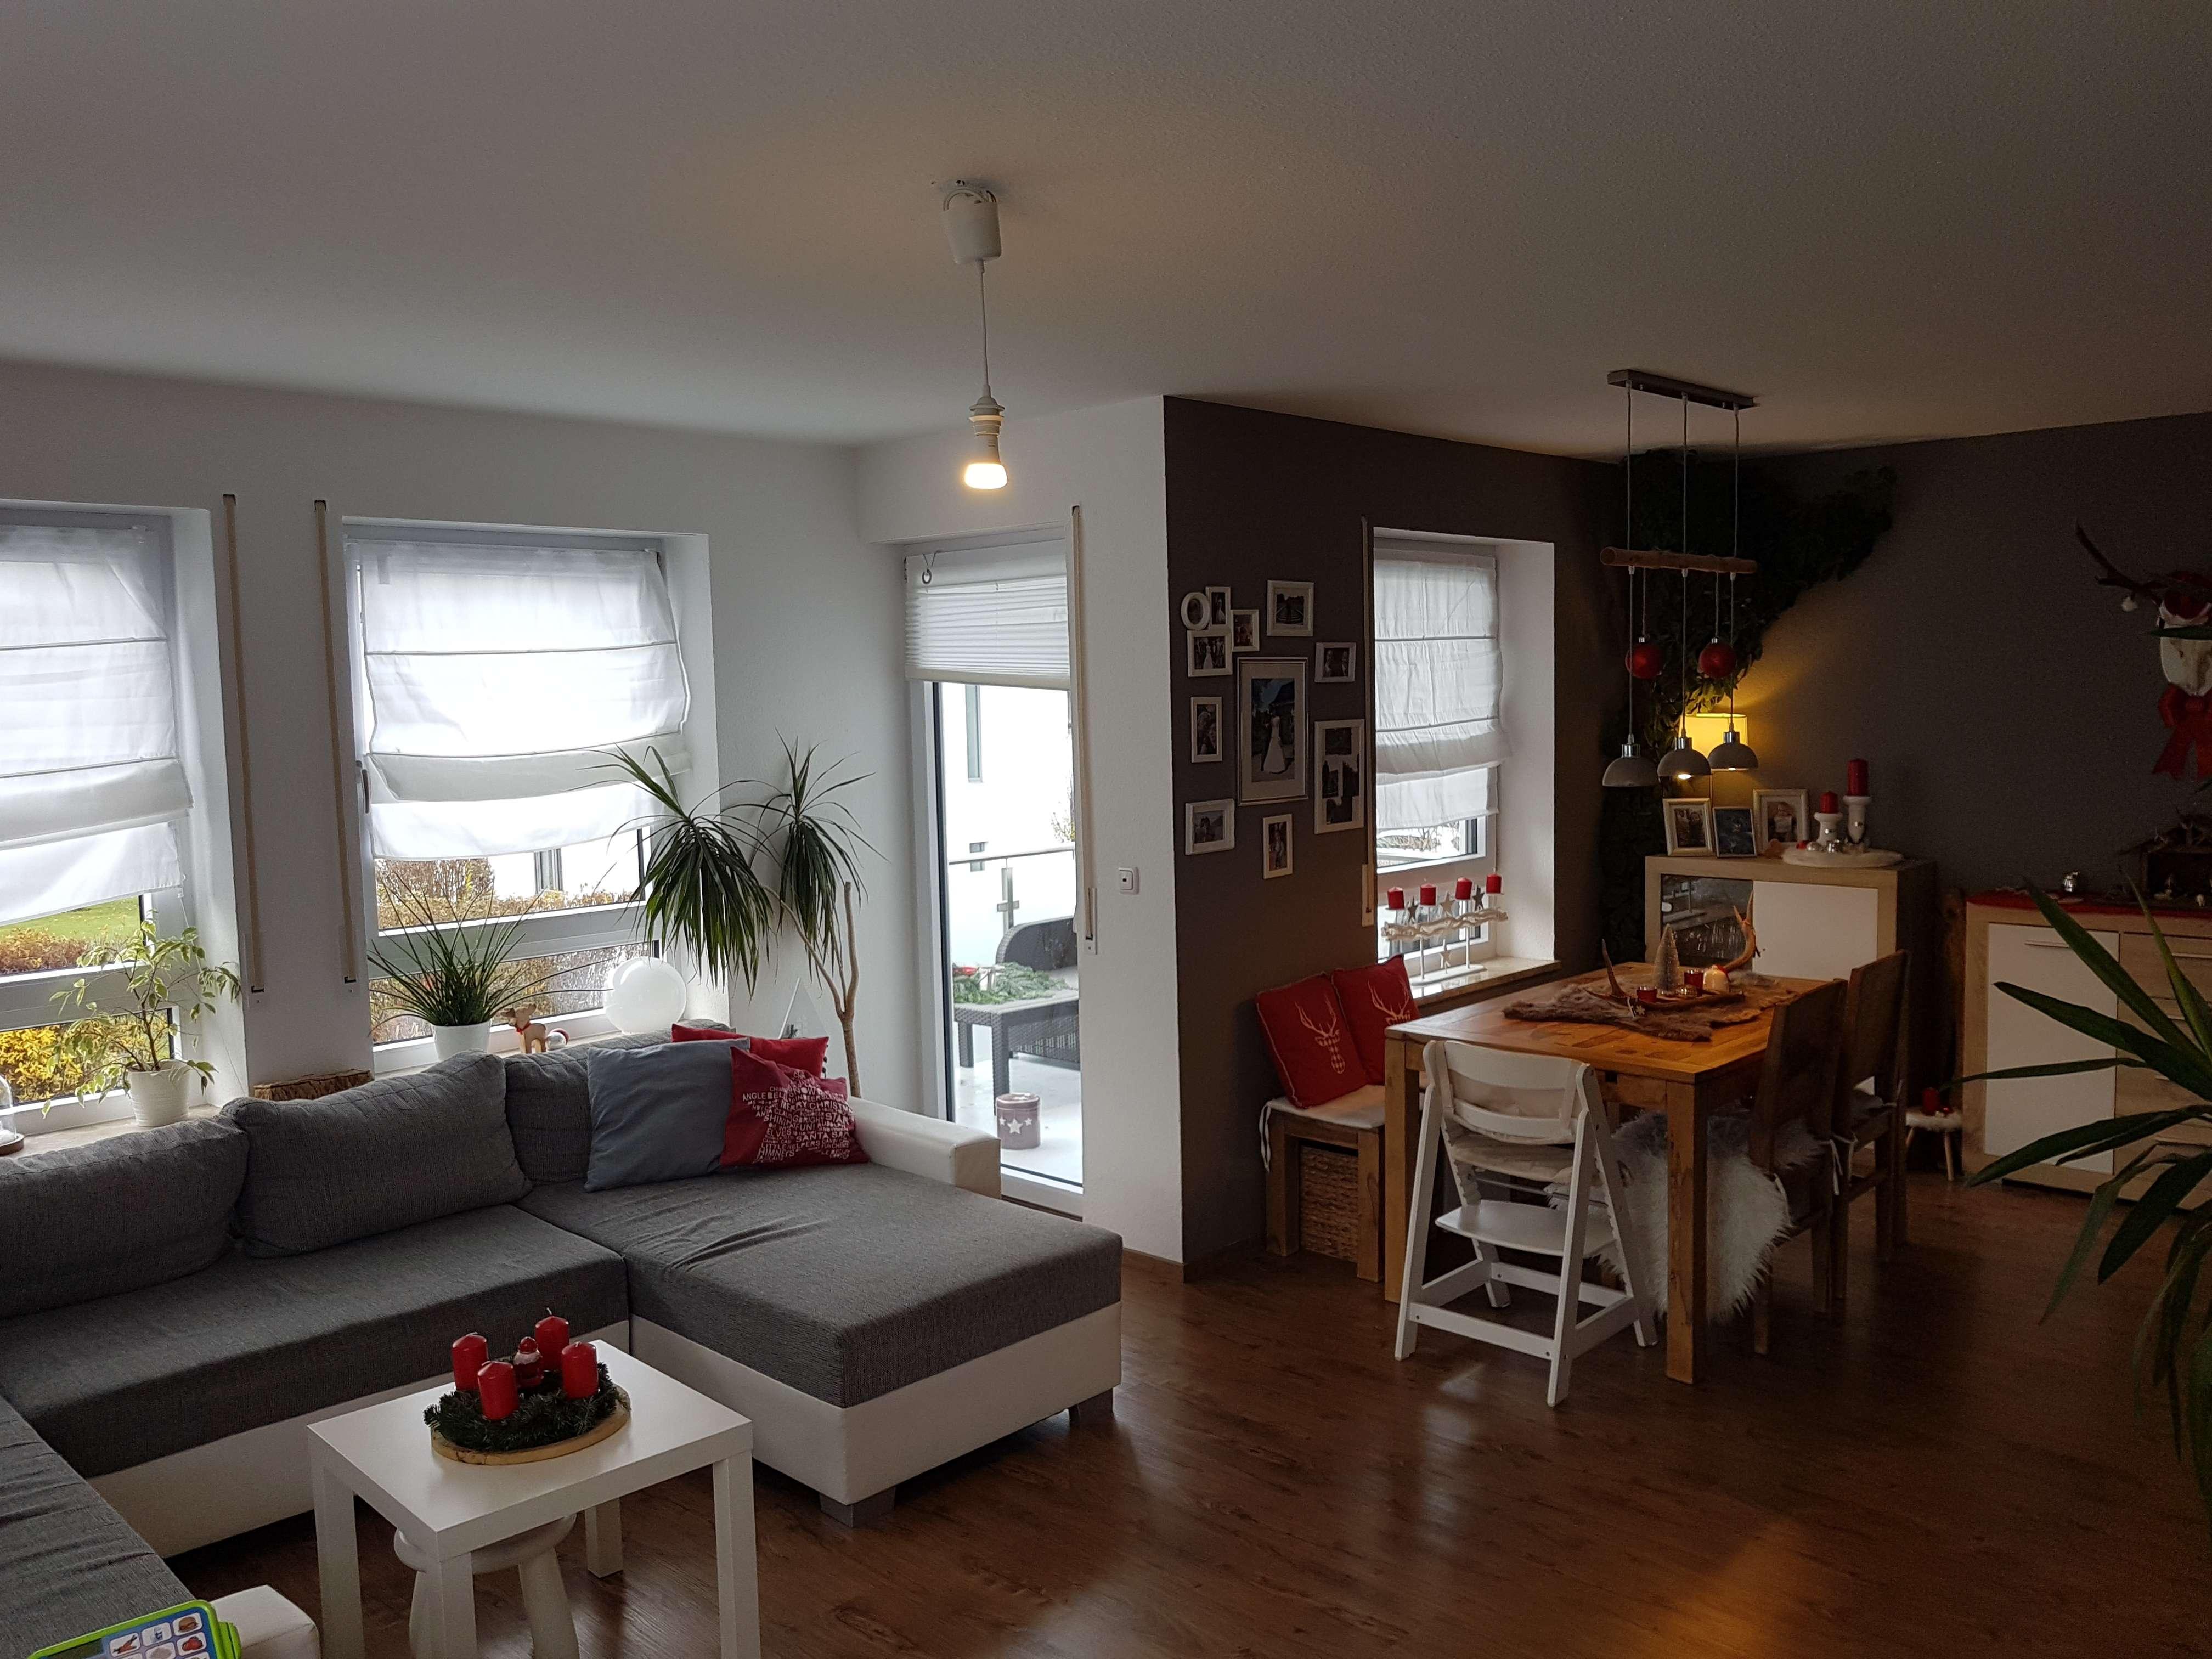 Wunderschöne 3-Z OG Wohnung mit 2 Balkonen (Süd/West) in Buchloe